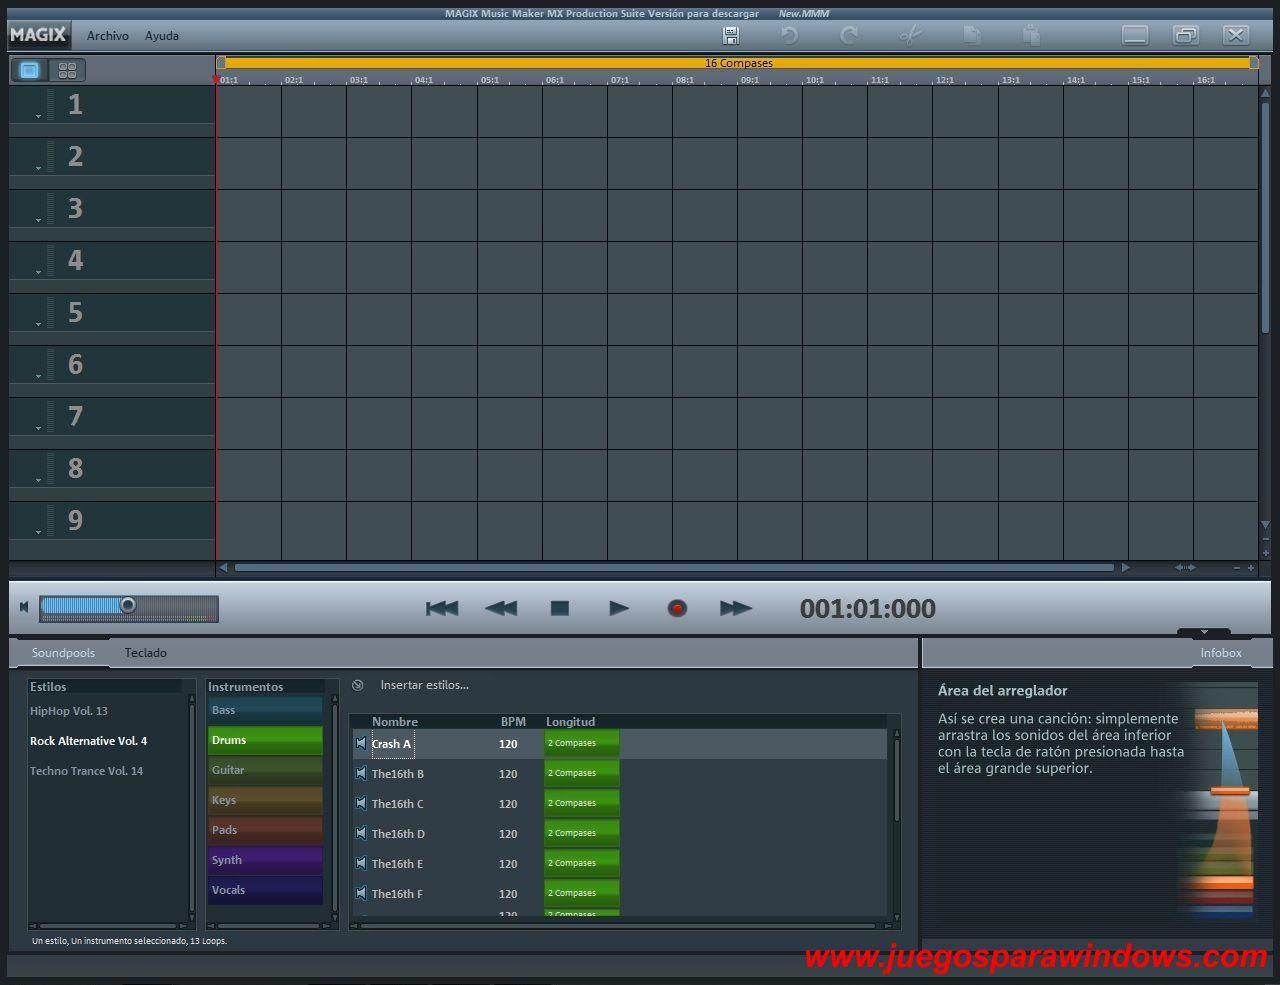 Music Maker MX Production Suite v18 www.juegosparawindows.com